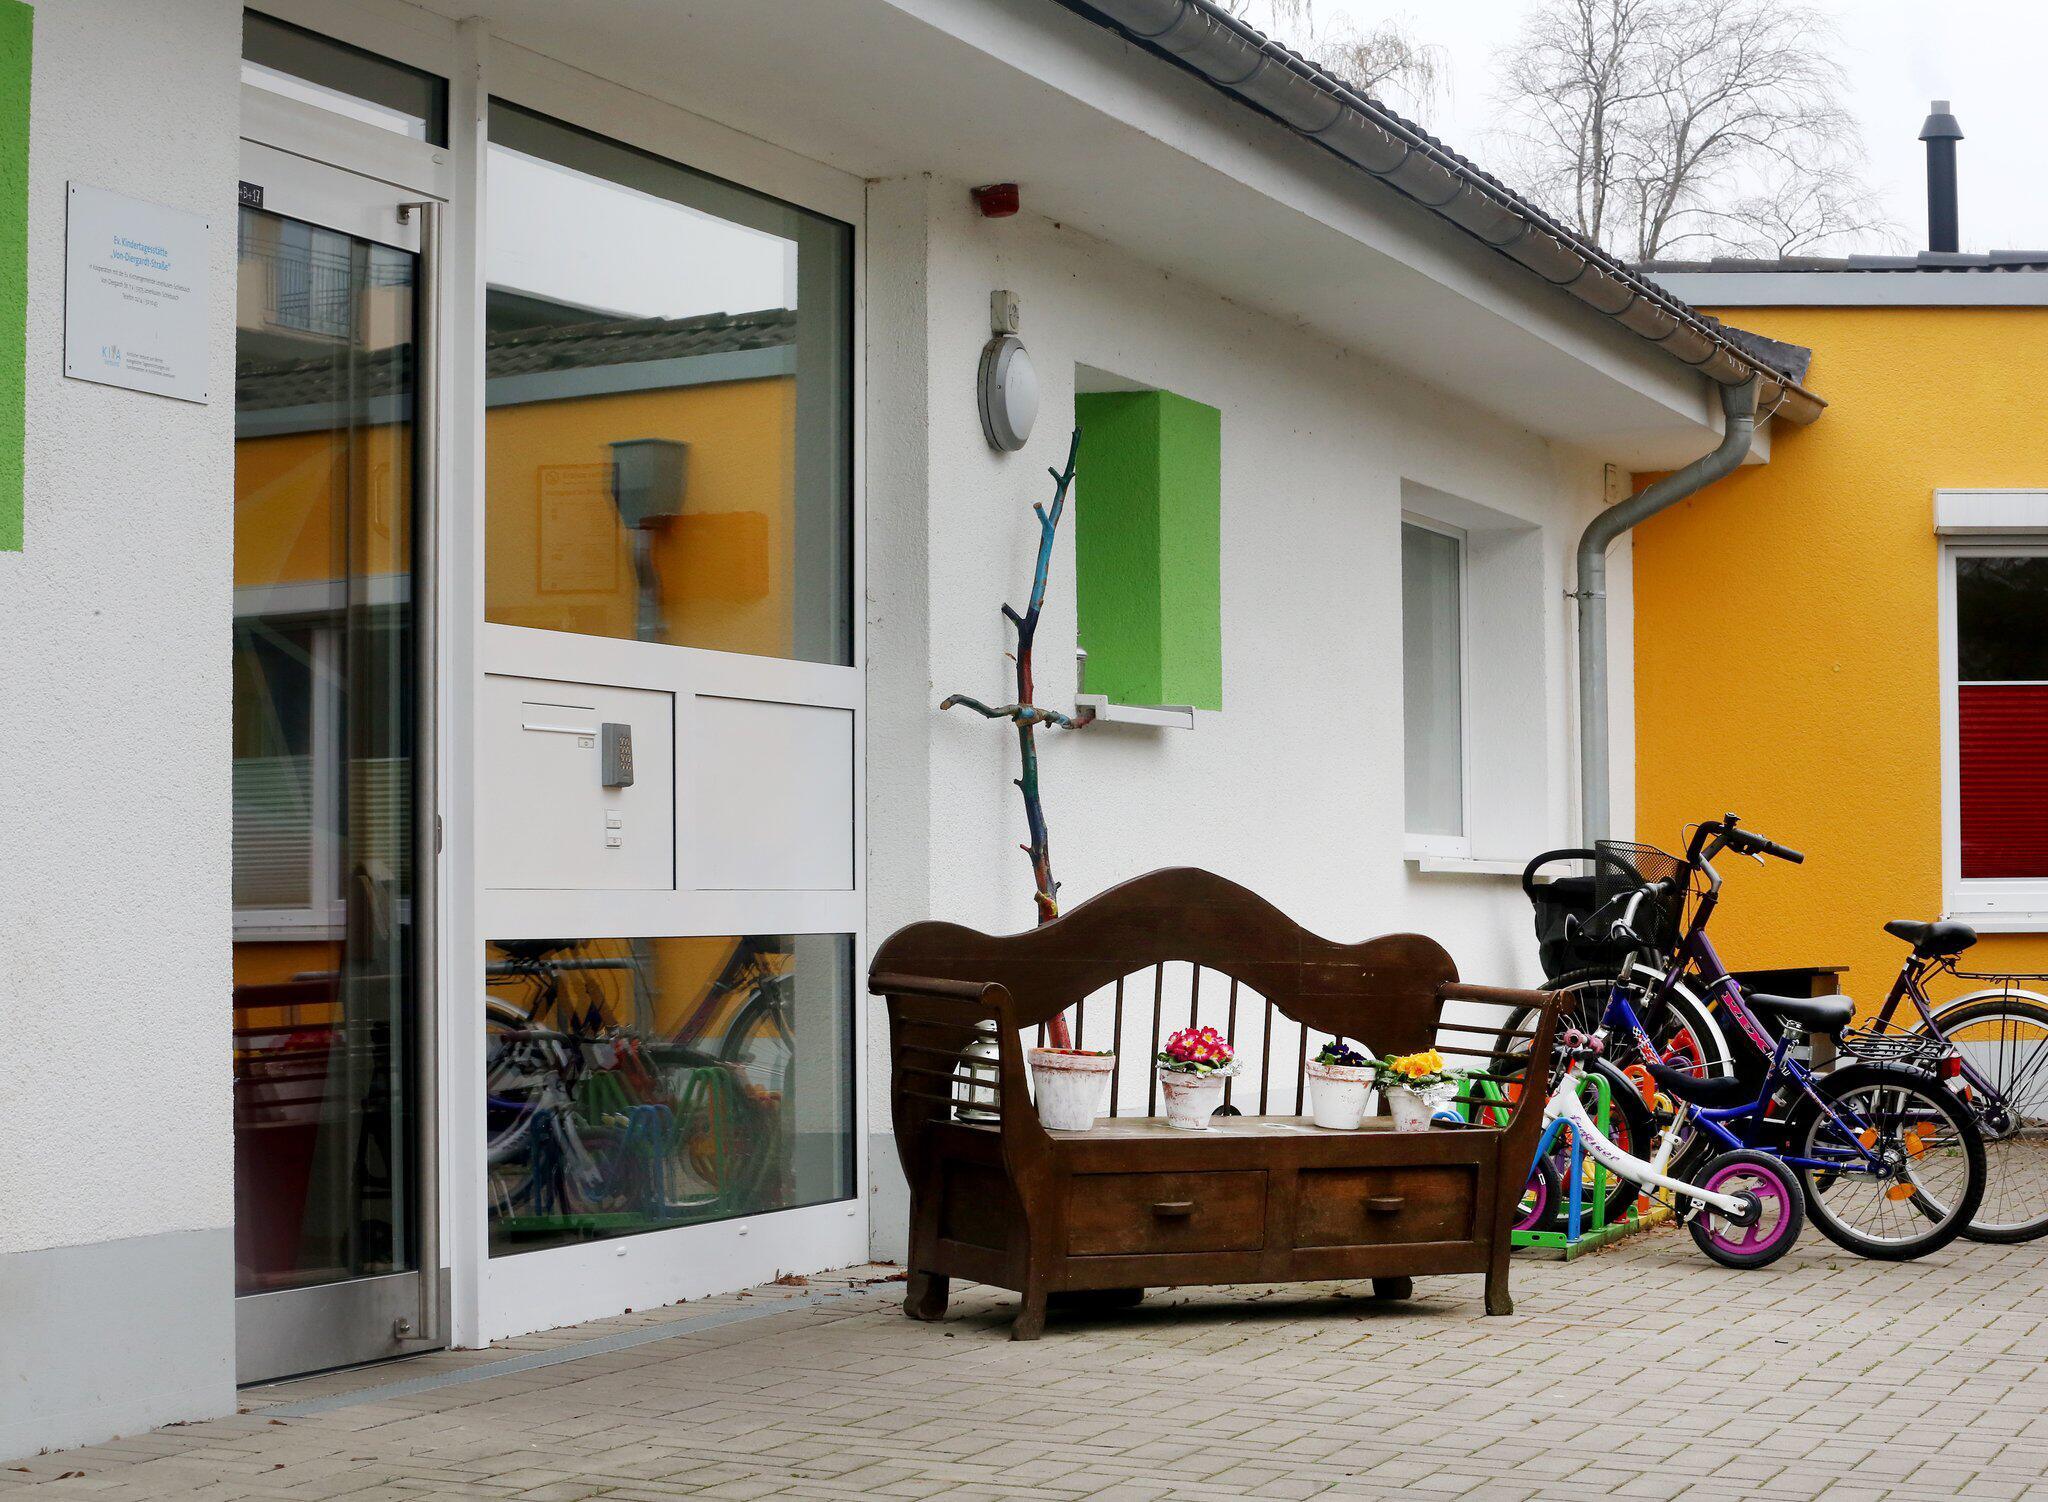 Bild zu Verunreinigtes Essen in einer Leverkusener Kindertagesstätte